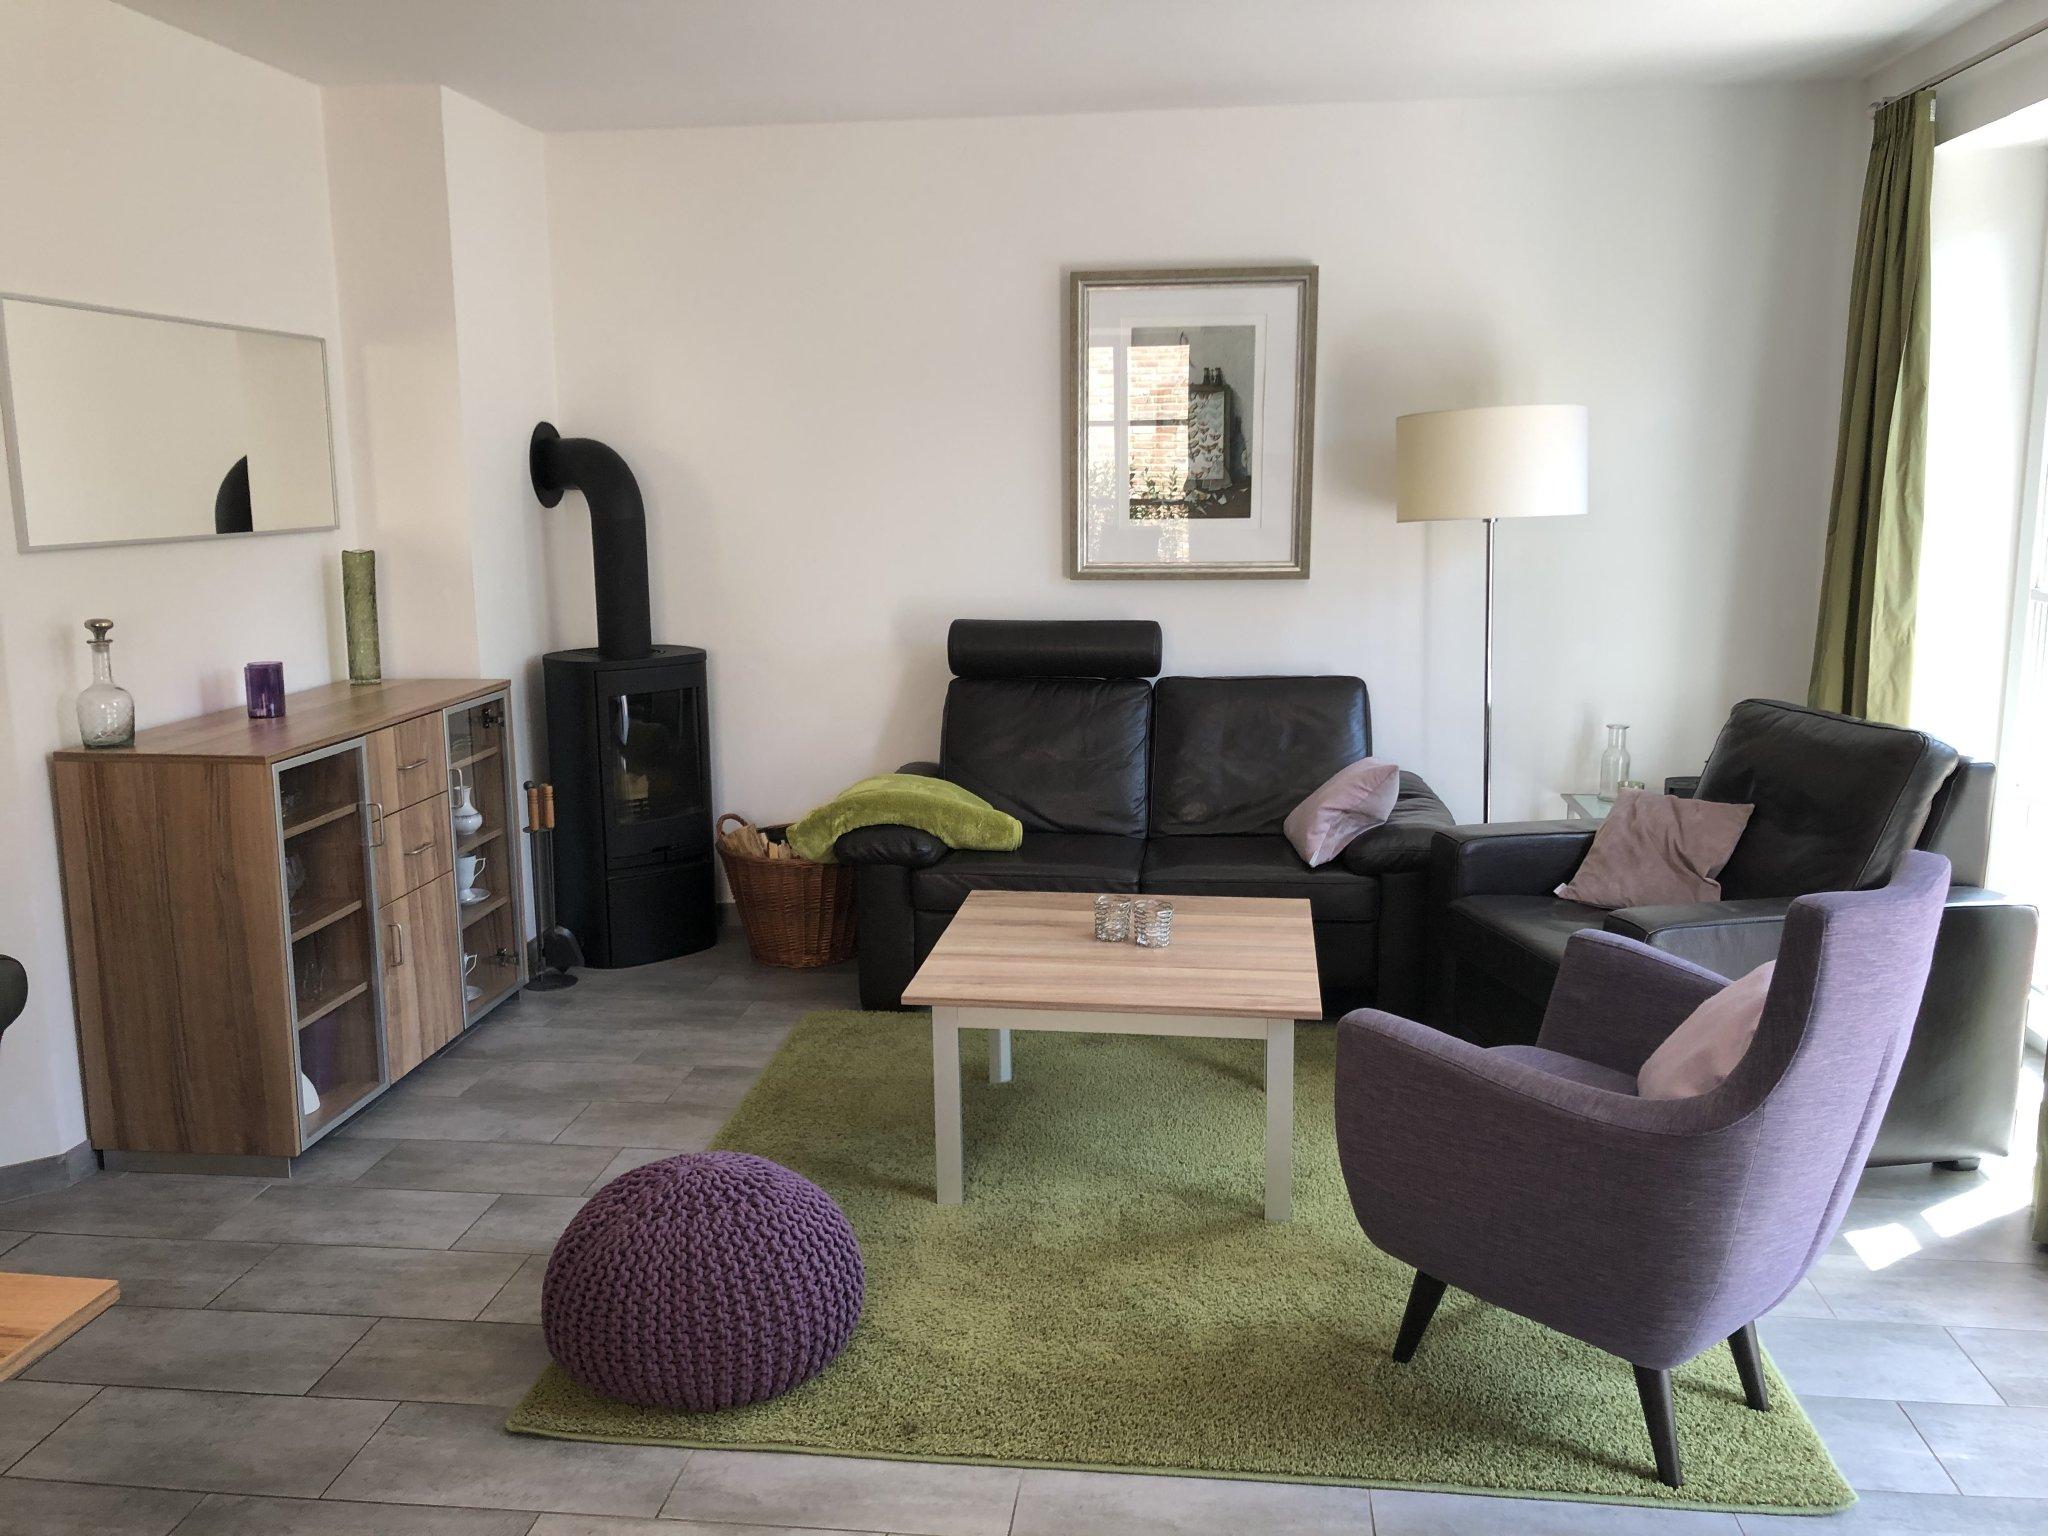 Wohnzimmer mit Kaminofen und Wlan